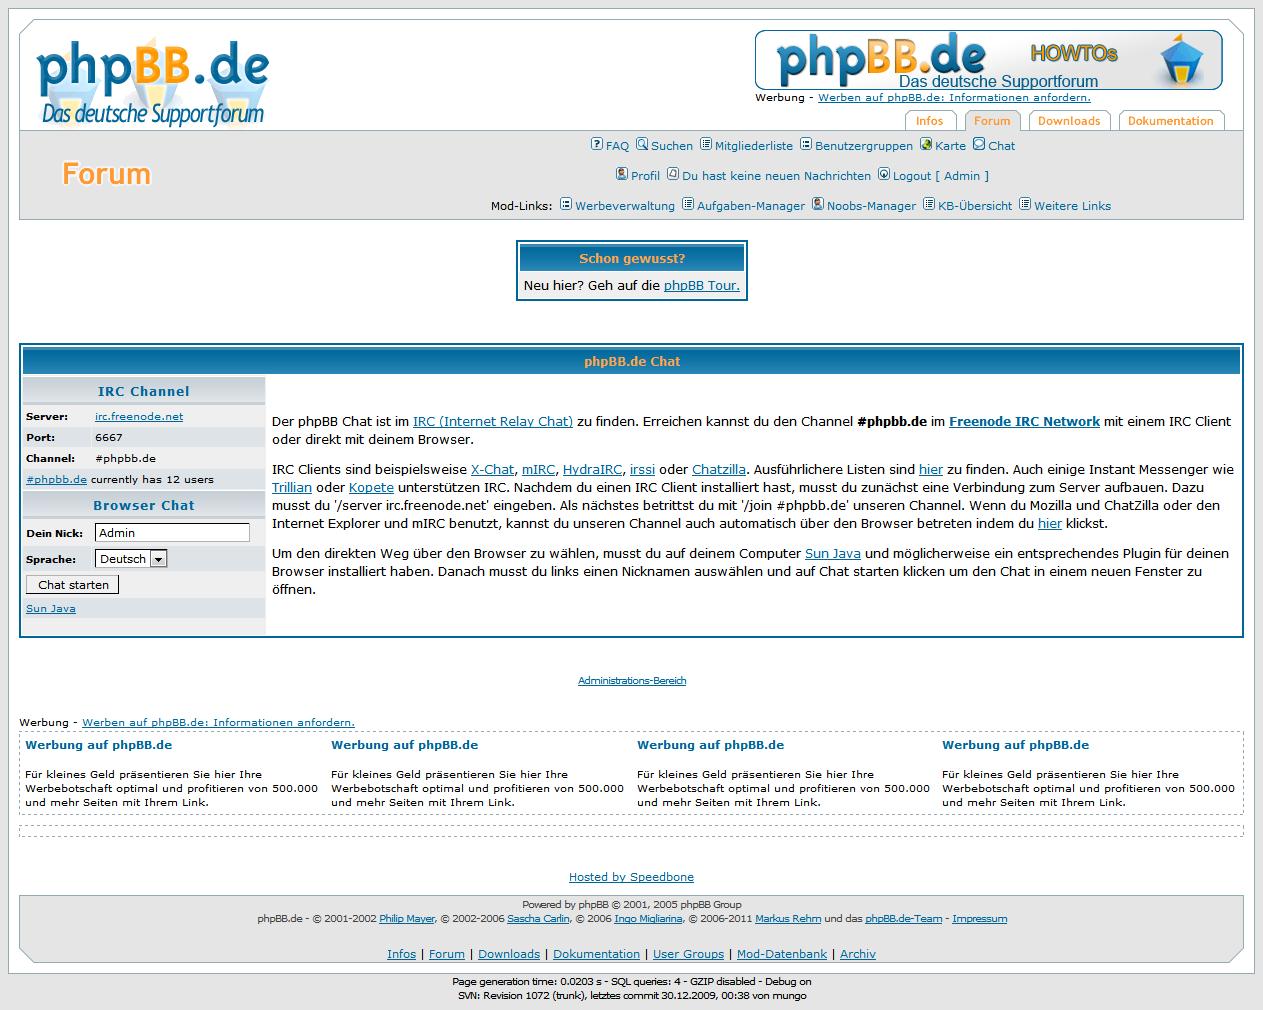 Rasiert von phpbb